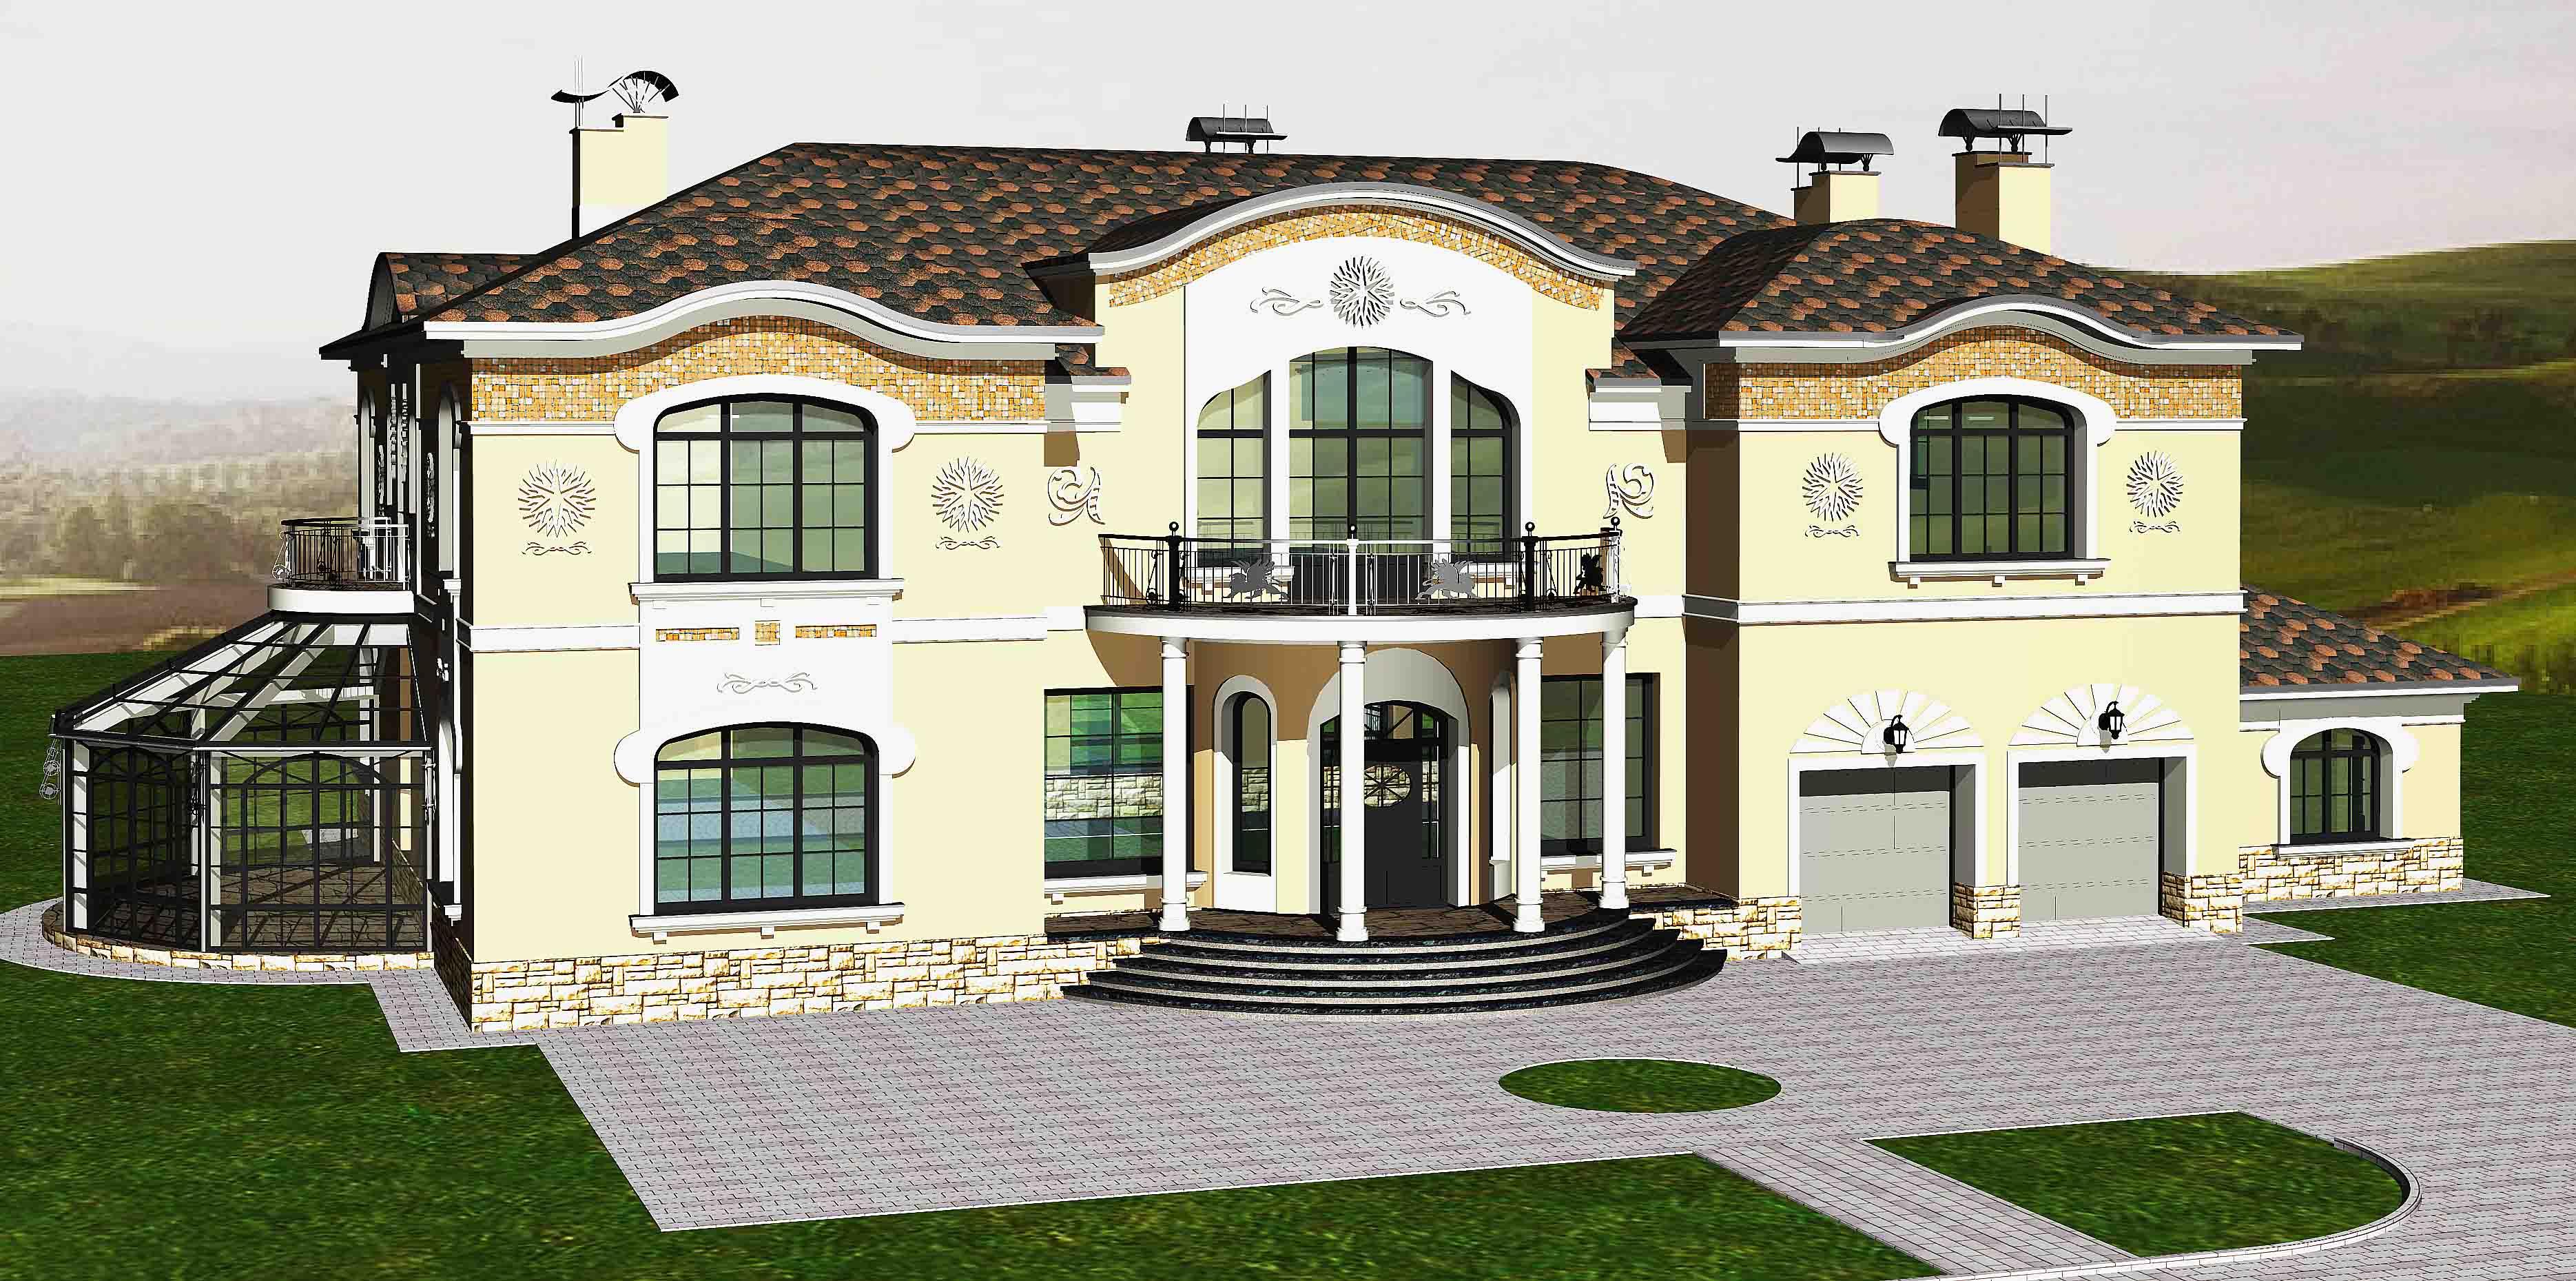 Проект 2-х этажного дома с гаражом фото и архитектурные особенности